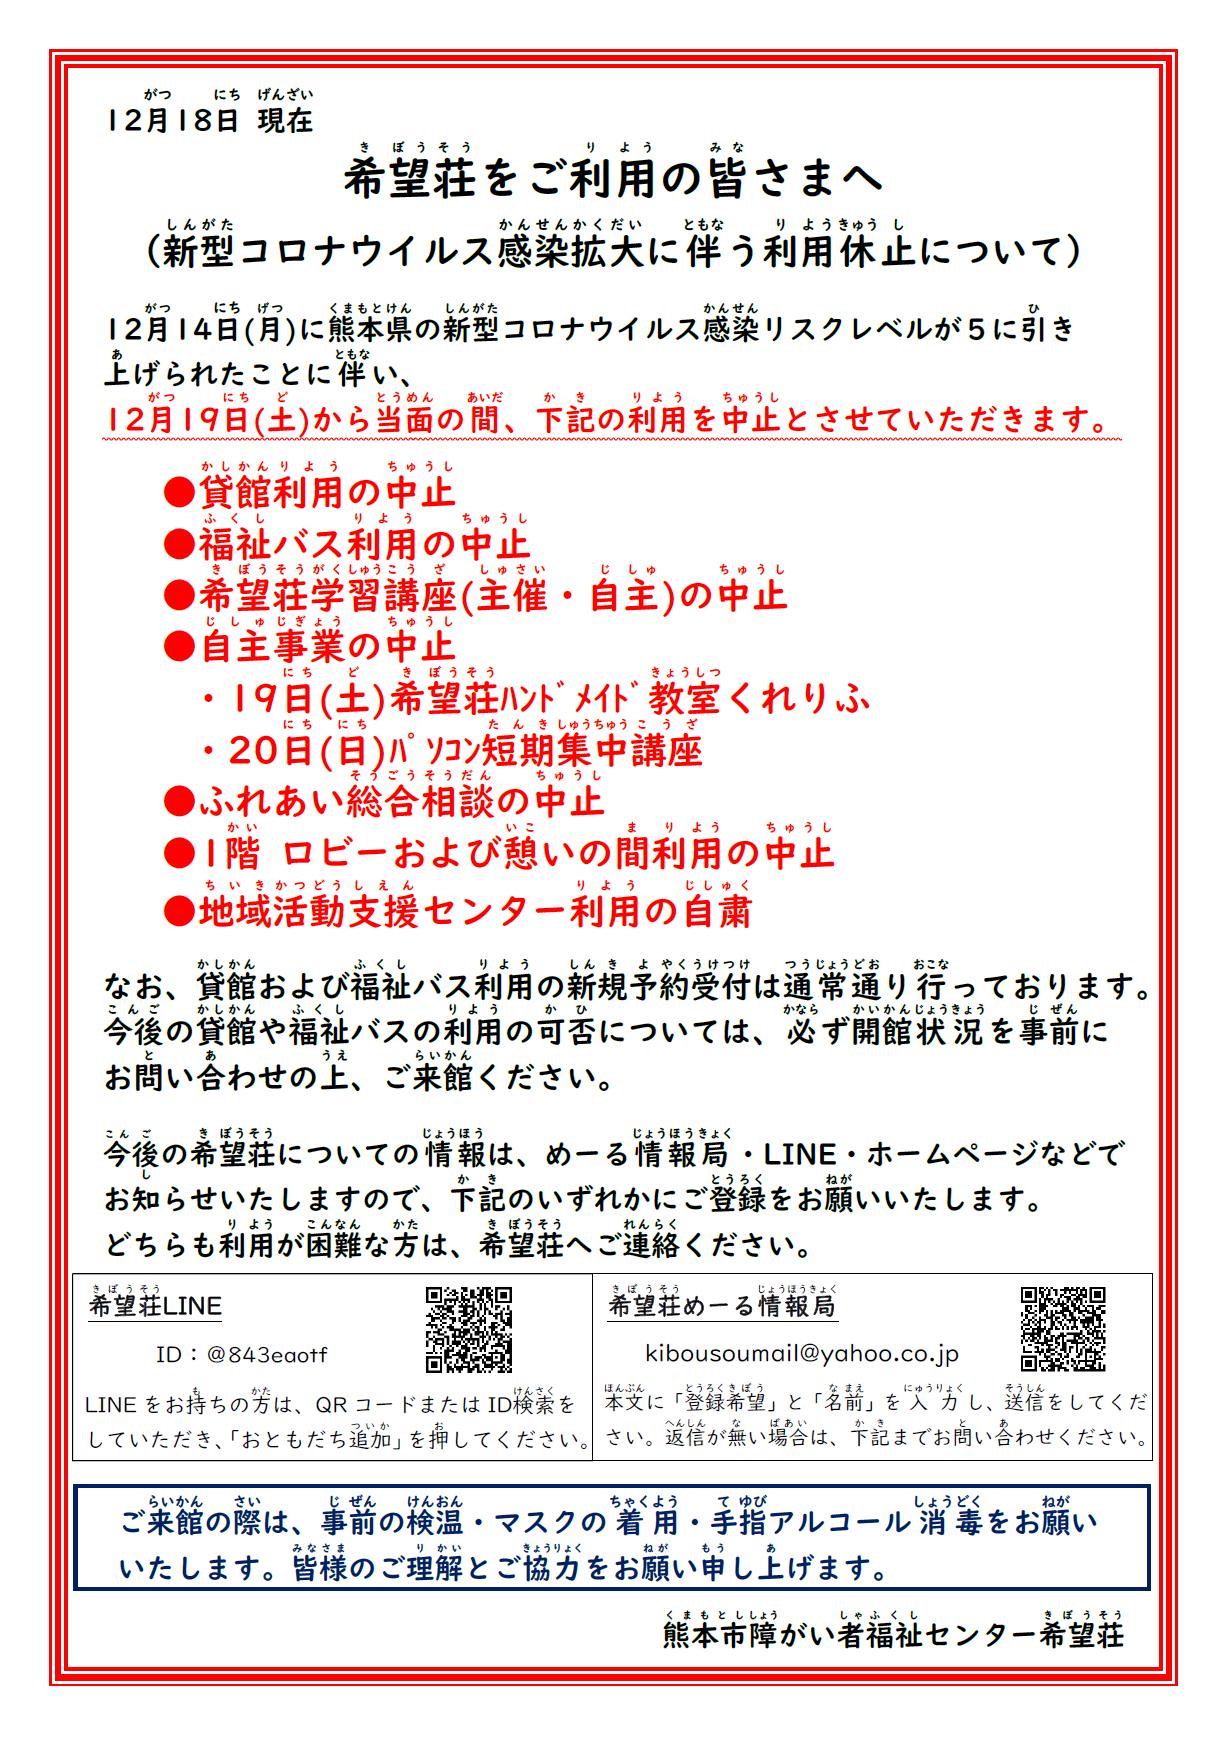 希望荘をご利用のみなさまへ。。。。。。新型コロナウイルス感染拡大に伴う利用休止について。。。。。12月14日(月)に熊本県の新型コロナウイルス感染リスクレベルが5に引き上げられたことに伴い、12月19日(土)から当面のあいだ下記の利用を中止とさせていただきます。 ●貸館利用の中止 ●福祉バス利用の中止 ●希望荘学習講座(主催・自主)の中止 ●自主事業の中止 ・19日(土)希望荘ハンドメイド教室くれりふ ・20日(日)のパソコン短期集中講座 ●ふれあい総合相談の中止 ●1階ロビーおよび憩いの間の利用中止 ●地域活動支援センター利用の自粛 なお、貸館および福祉バス利用の新規予約受付は通常通りおこなっております。 今後の貸館や福祉バスの利用の可否については、必ず開館状況を事前にお問い合わせのうえ、ご来館ください。 今後の希望荘についての情報は、めーる情報局・LINE・ホームページでお知らせいたします。